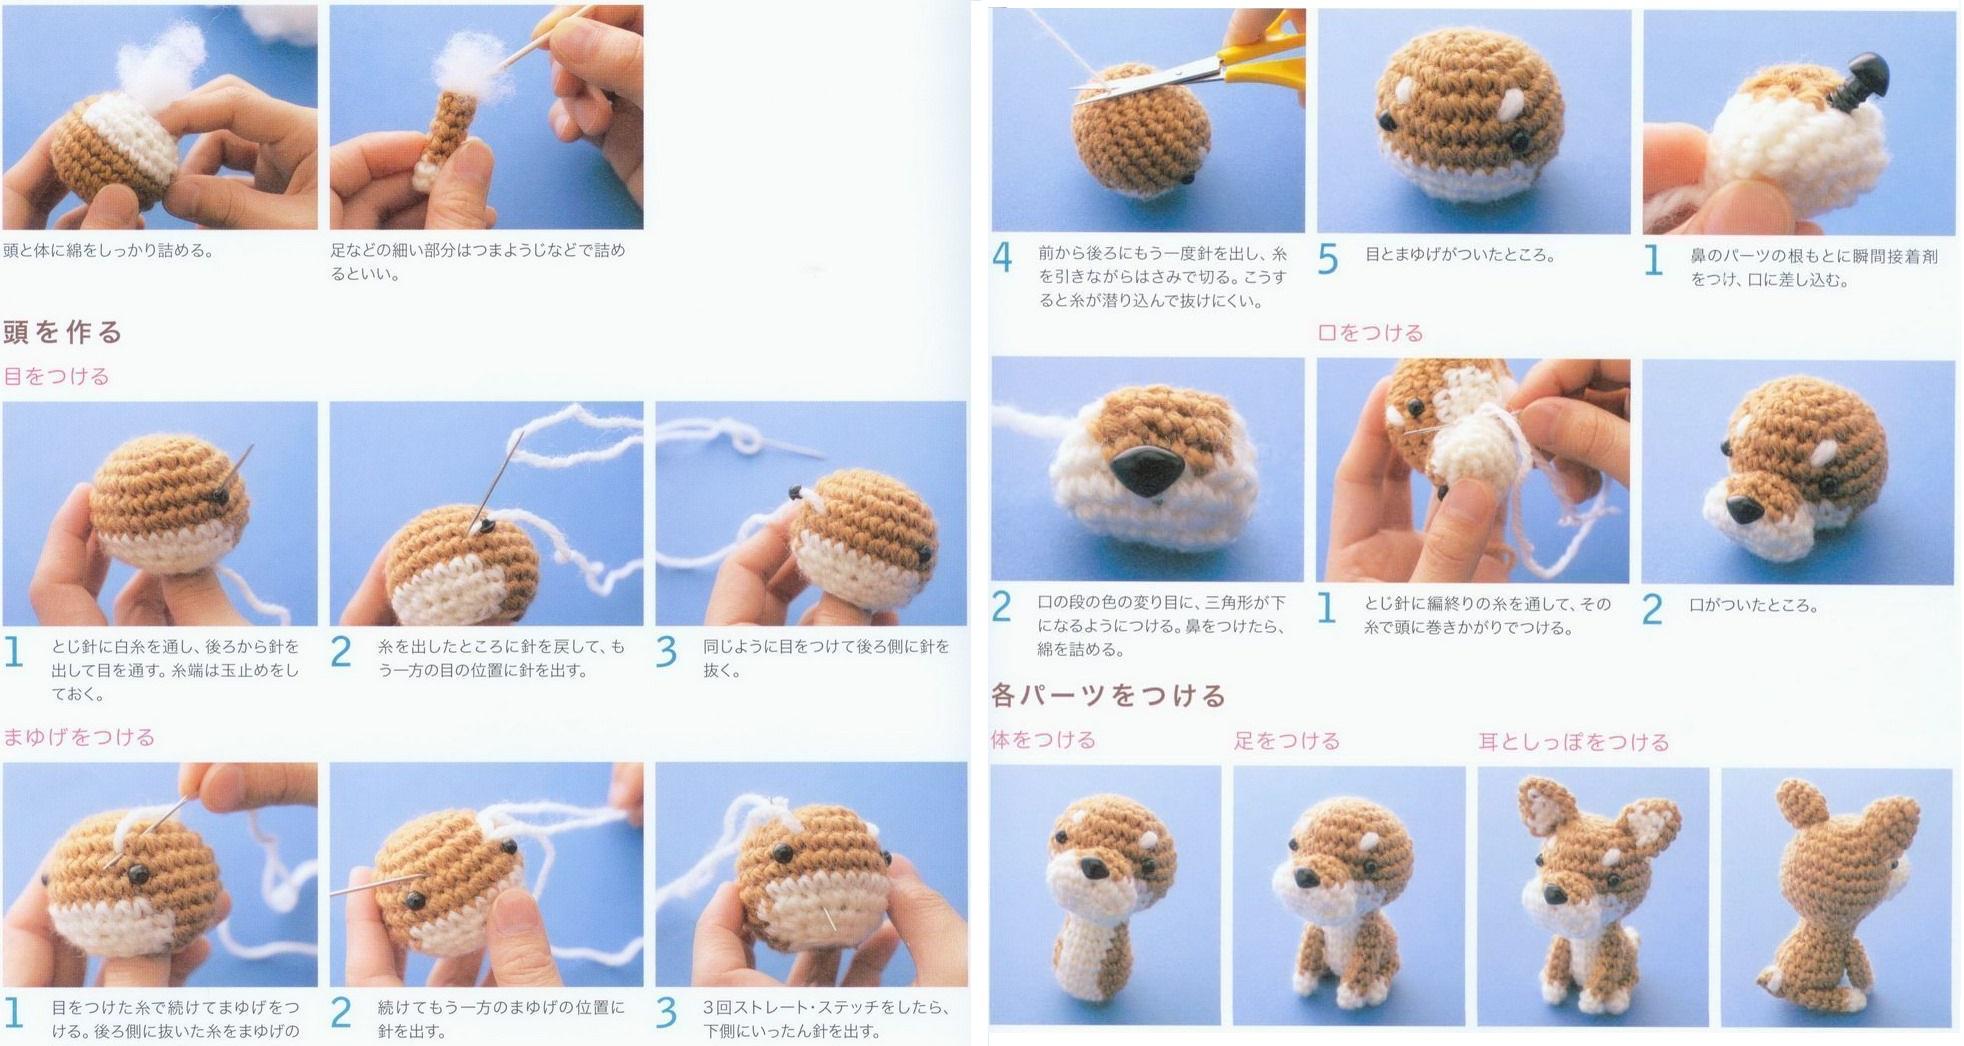 вяжем игрушки крючком пошагово с фото создать